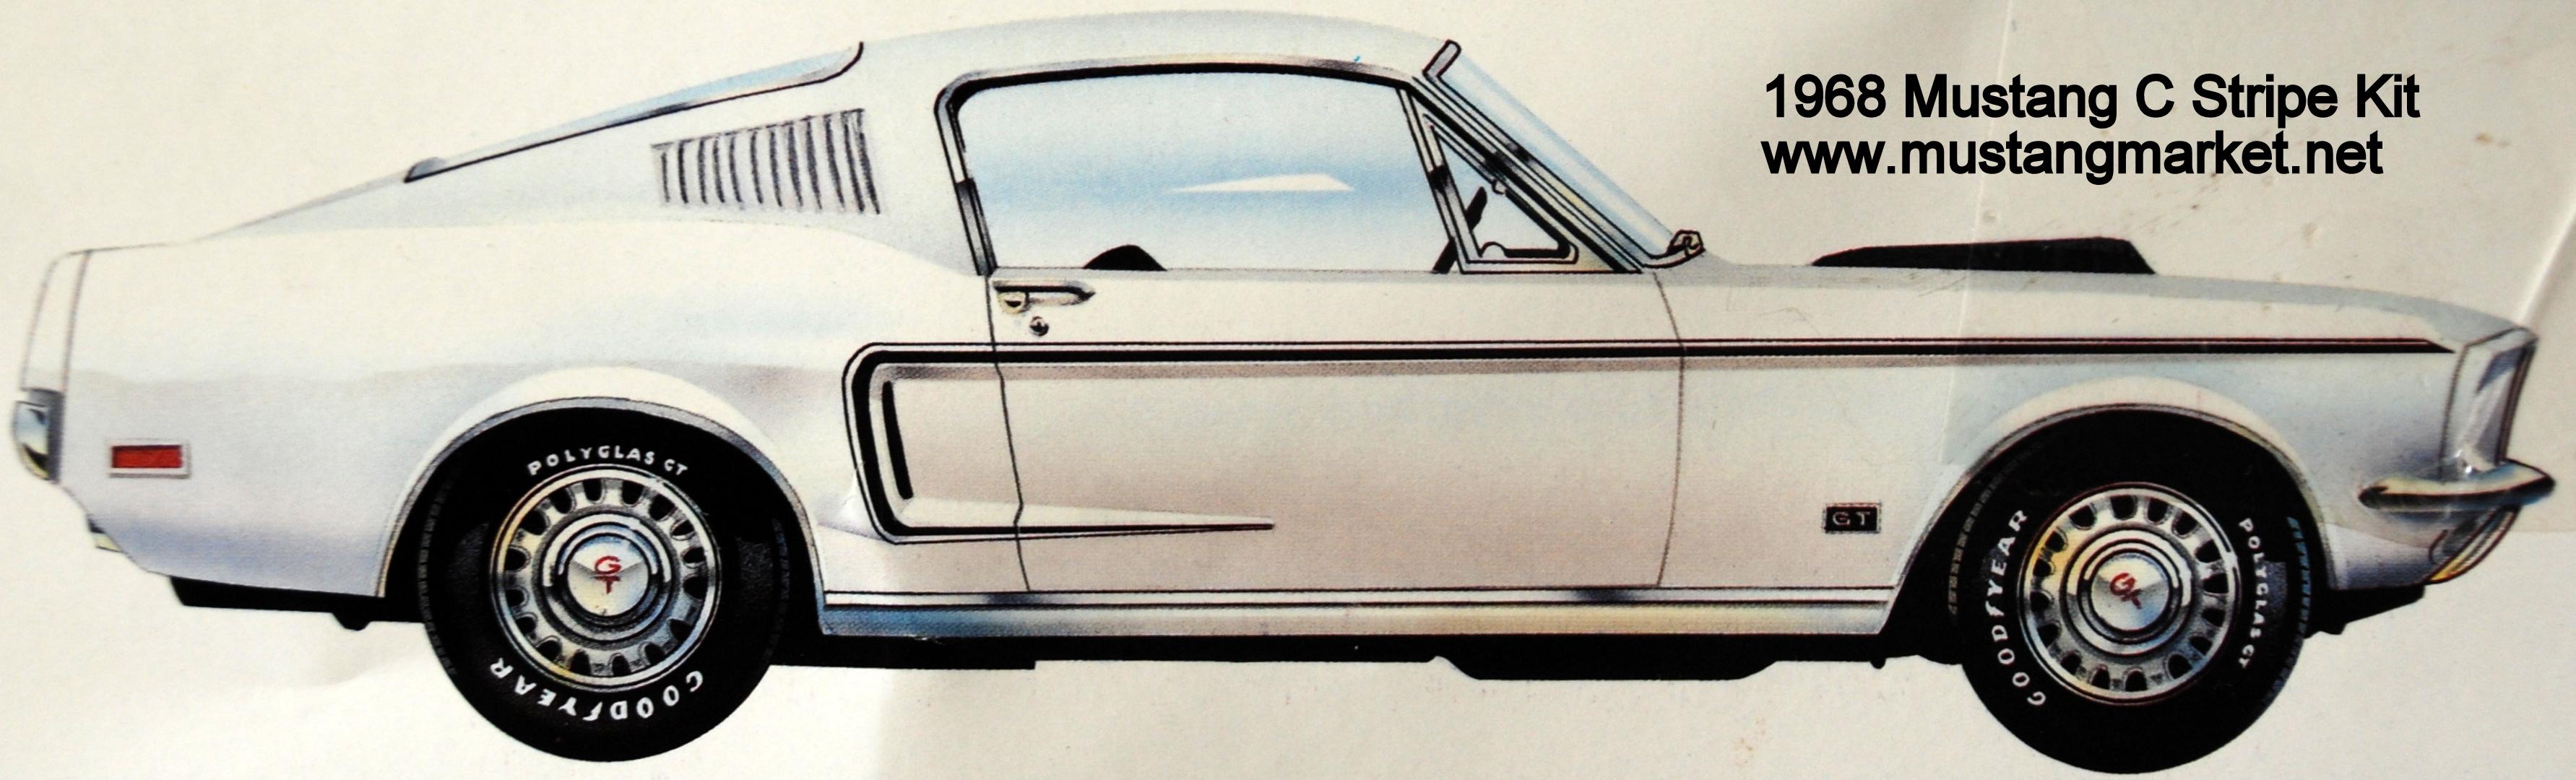 1968 68 mustang c stripes